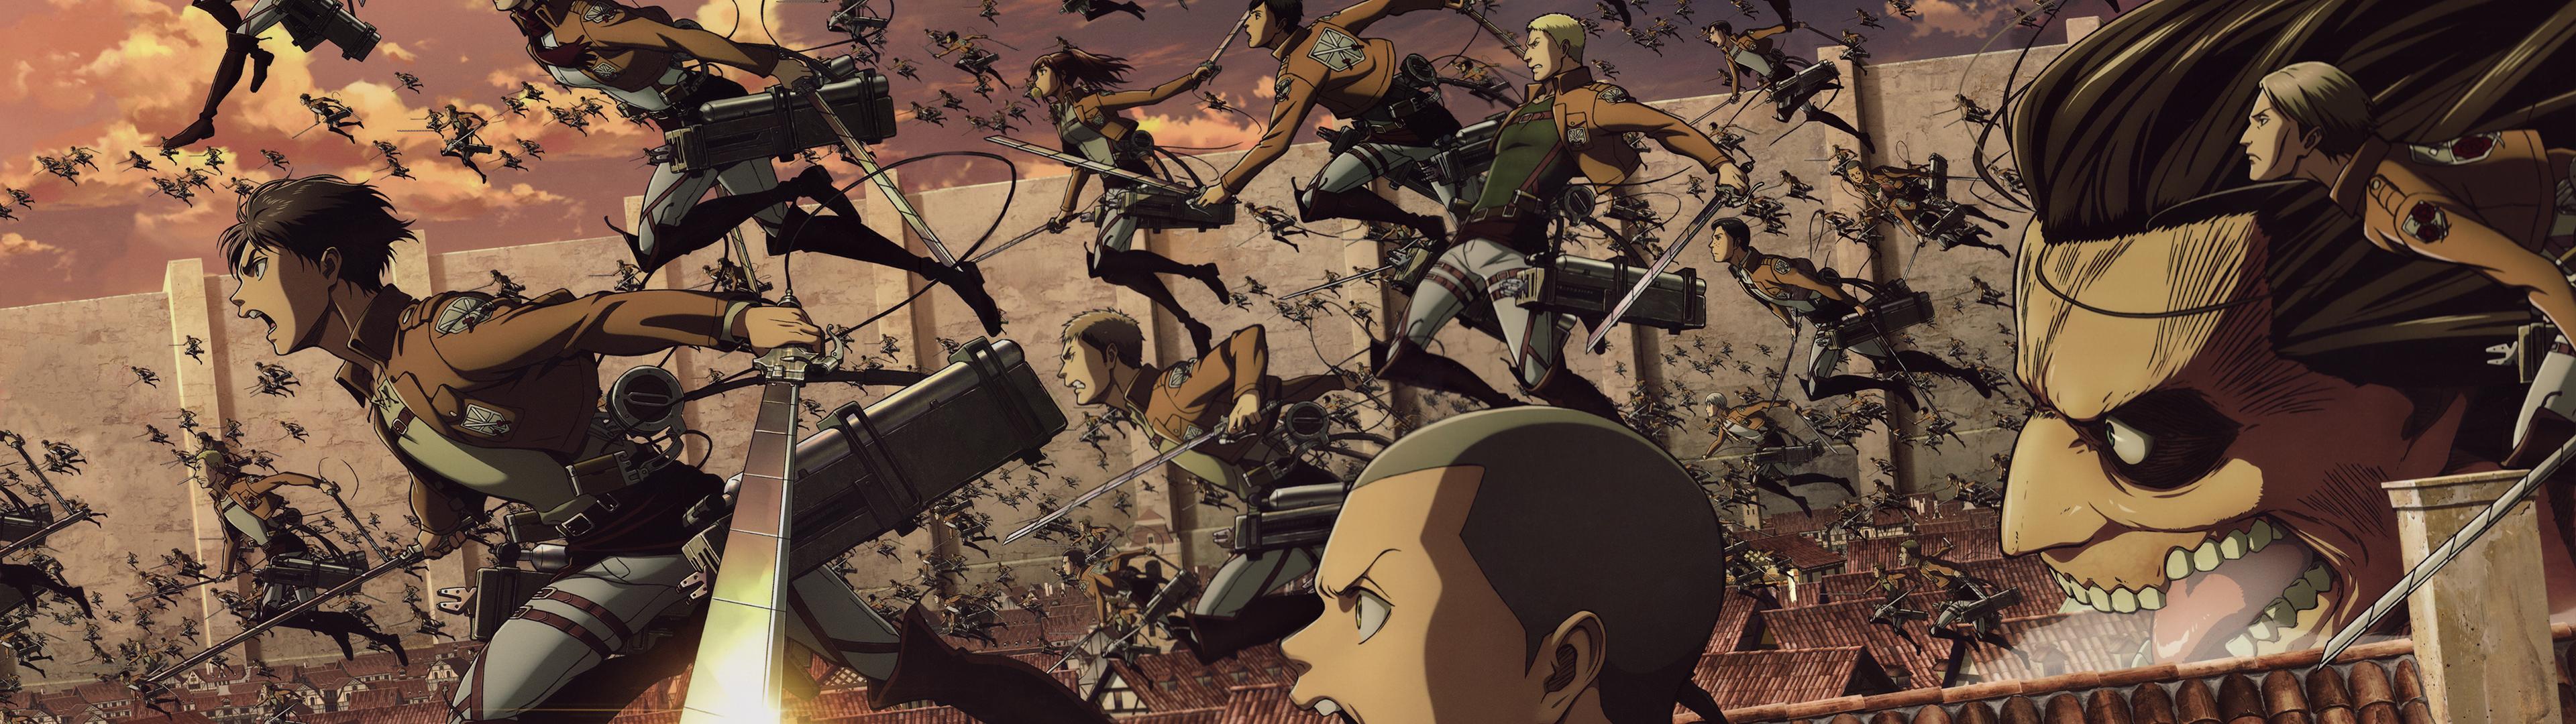 Attack On Titan Eren Mikasa And Levi - HD Wallpaper